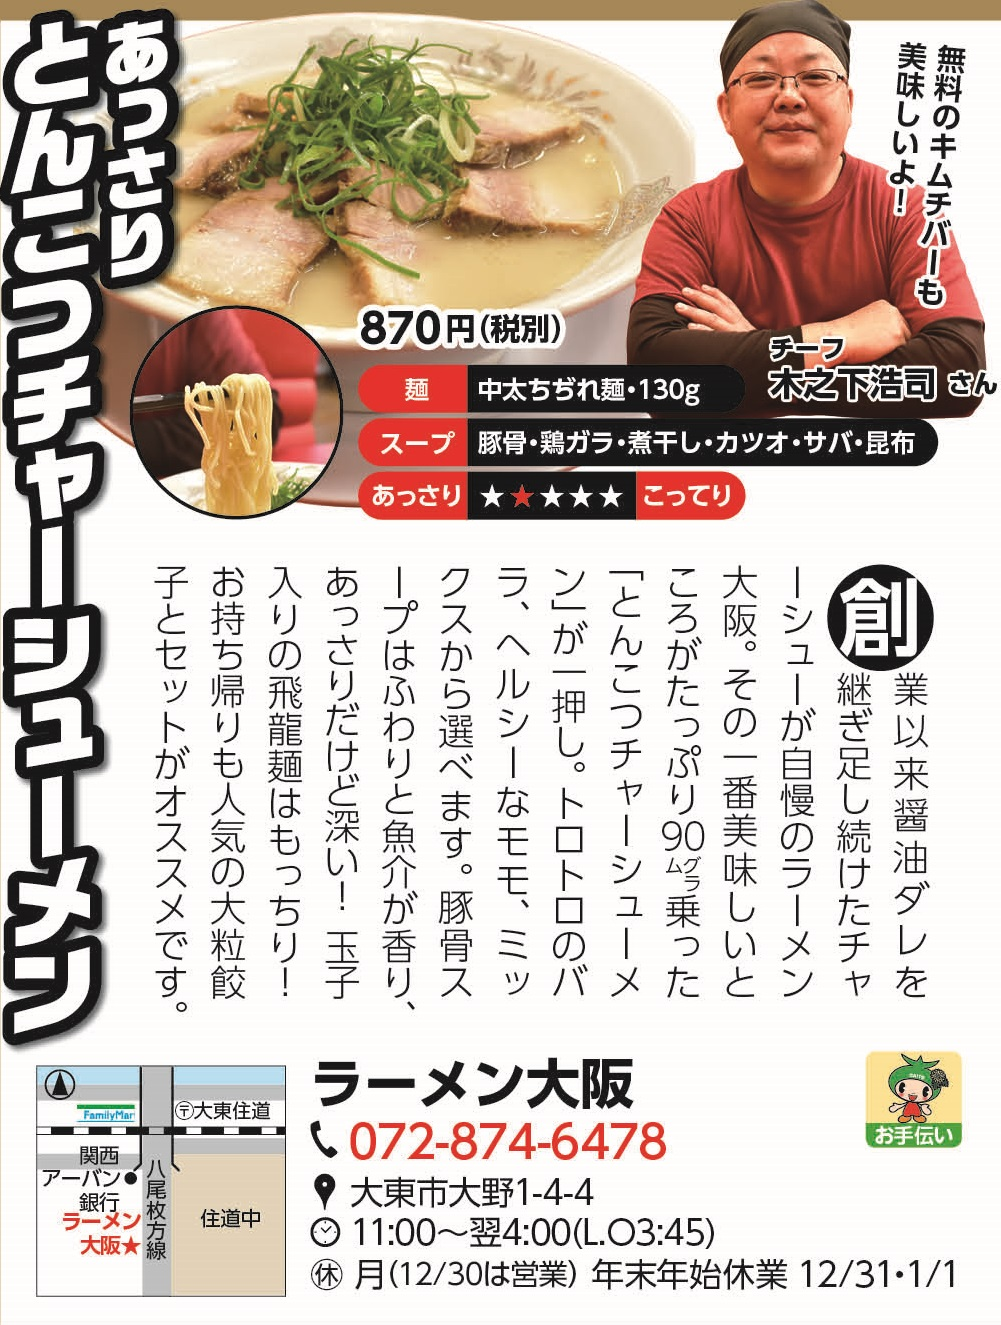 ★ラーメン大阪様72